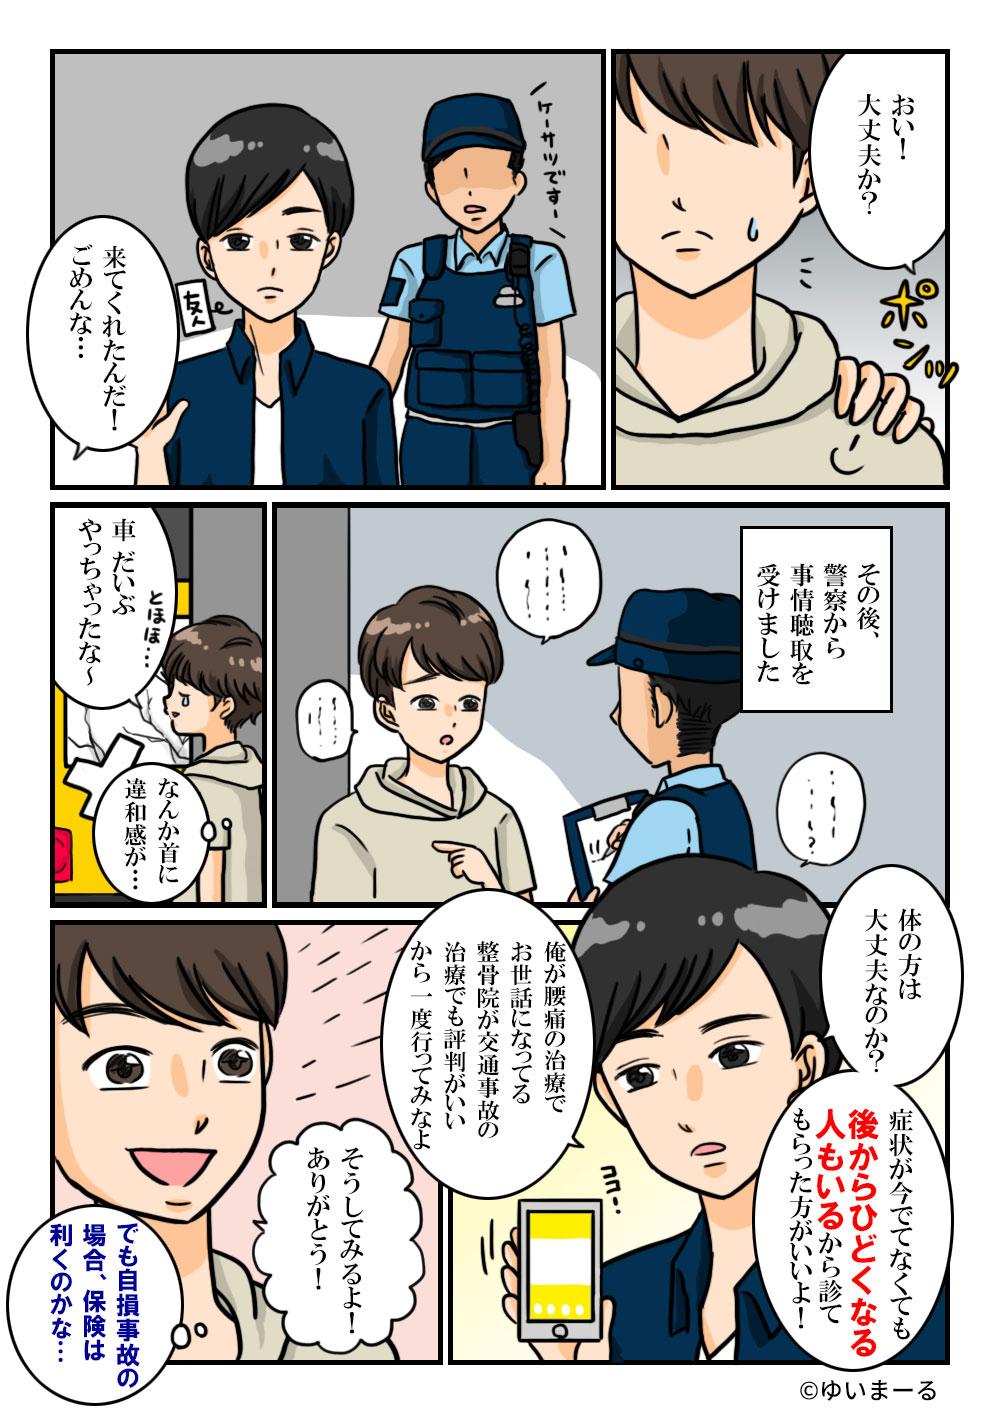 漫画1-2